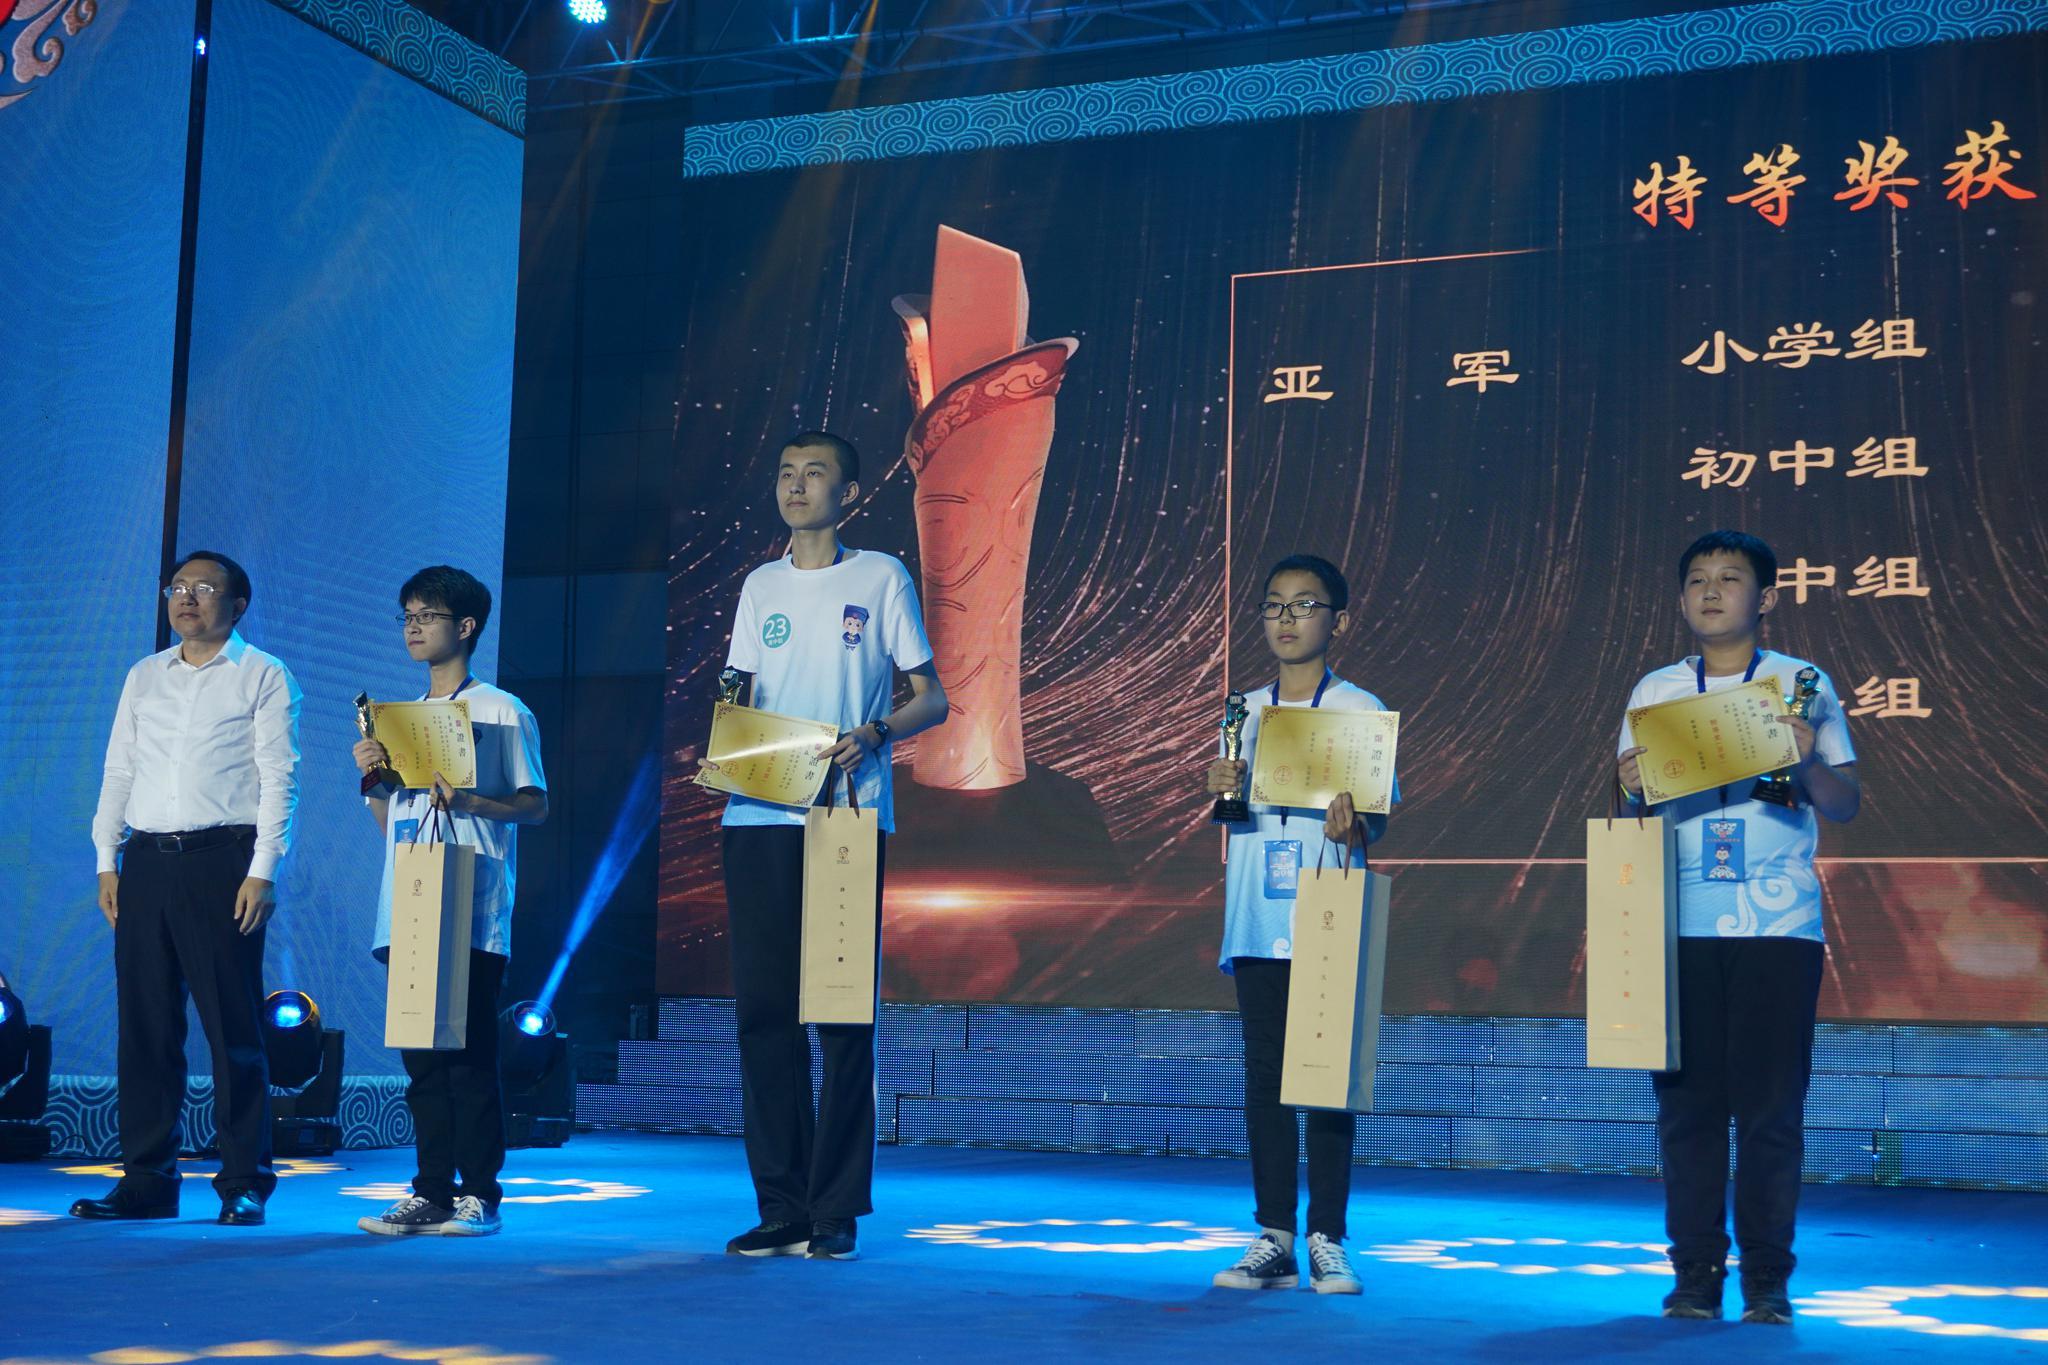 全国青少年弘扬中华优秀传统文化交流展示活动在山东曲阜举行